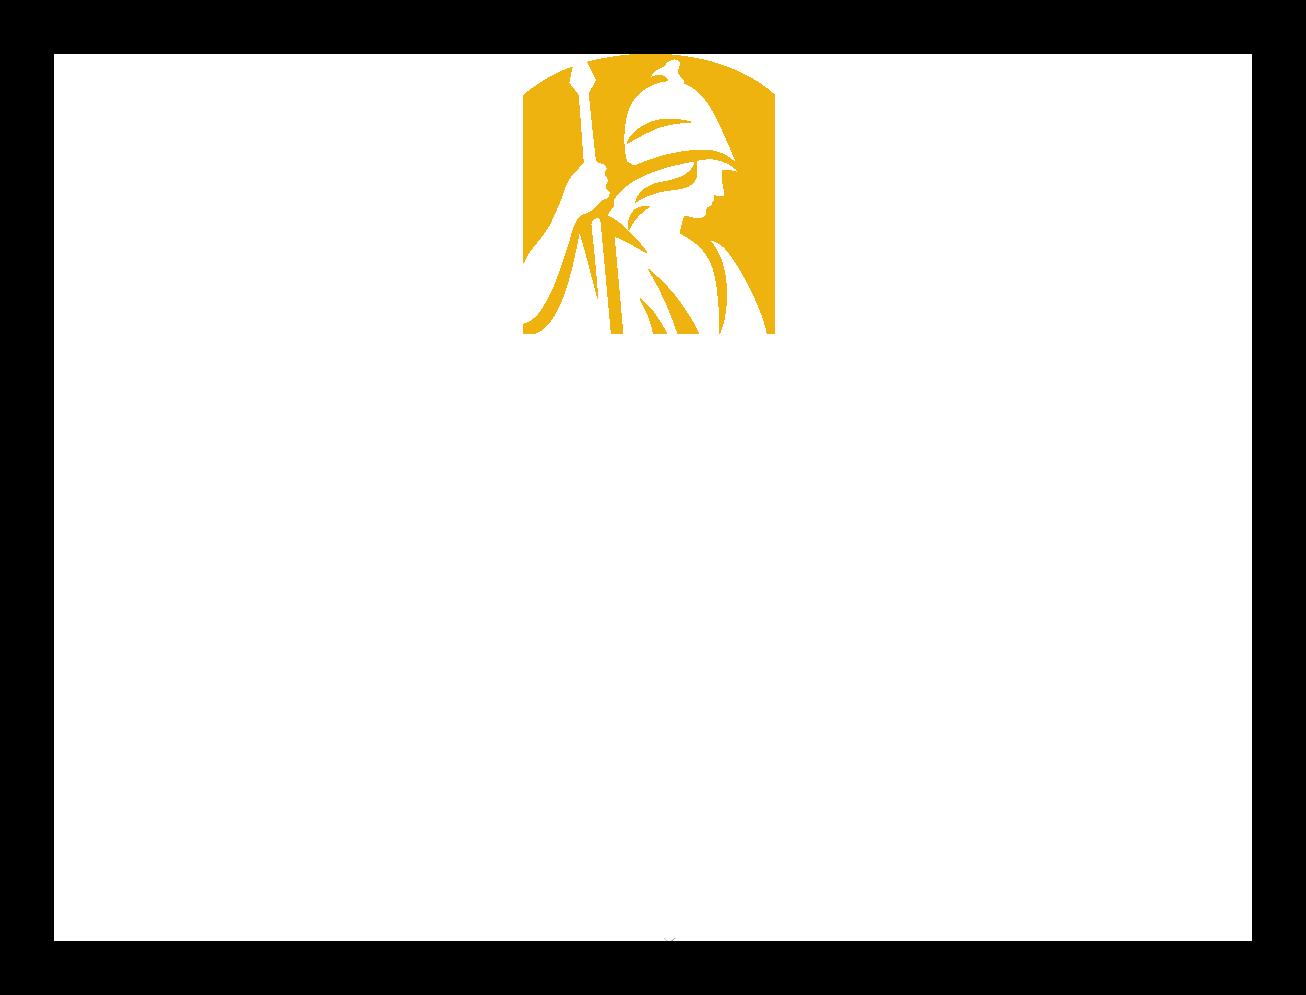 University At Albany white logo